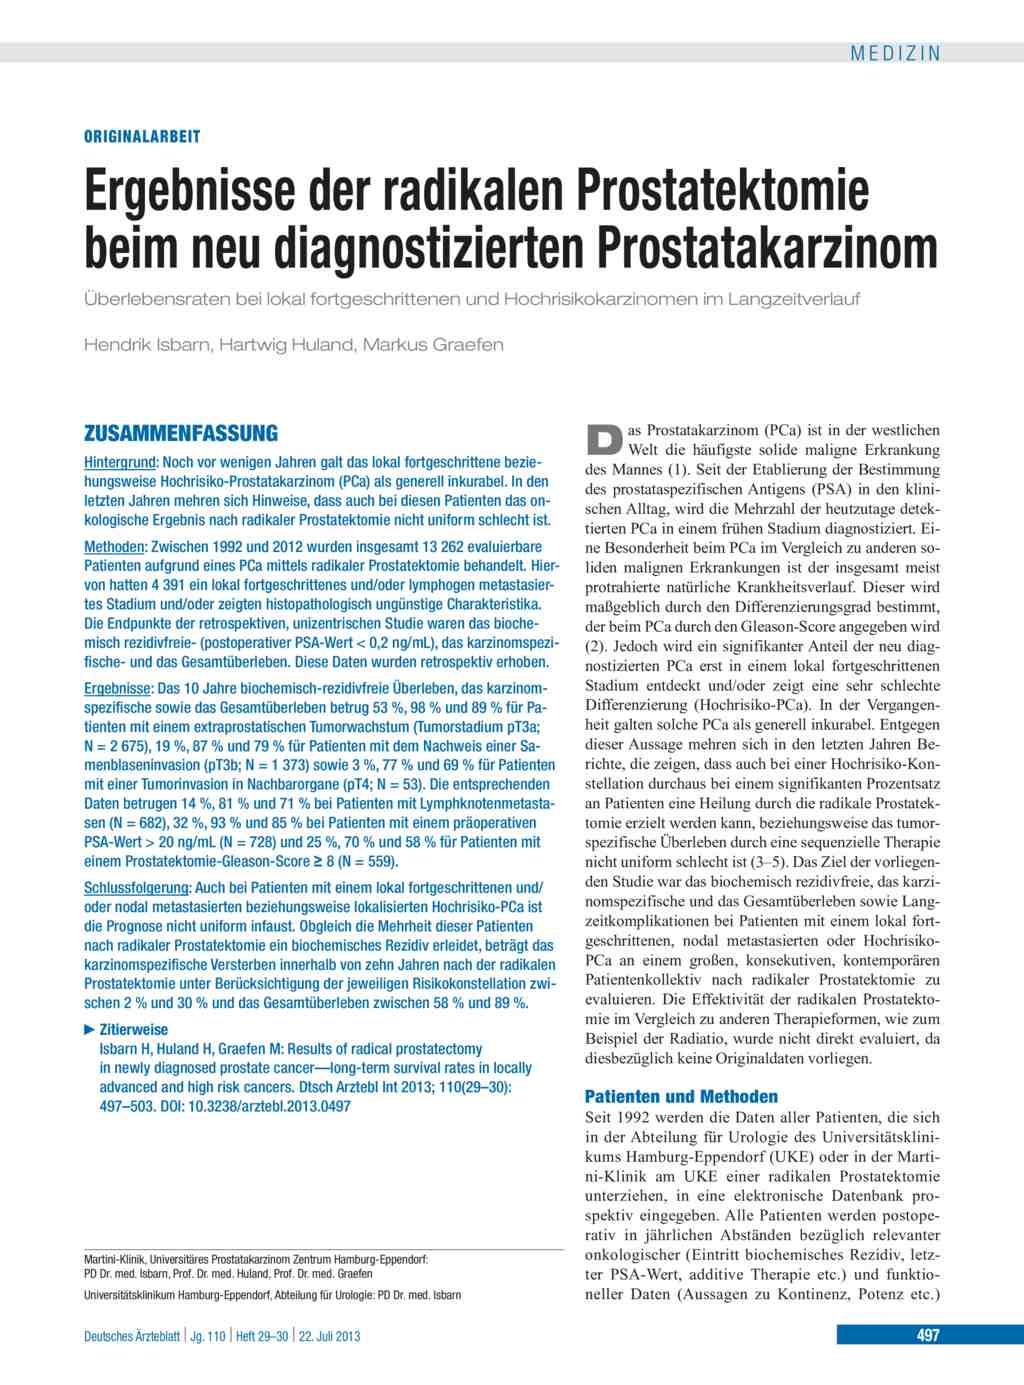 psa wert bei fehlender prostata